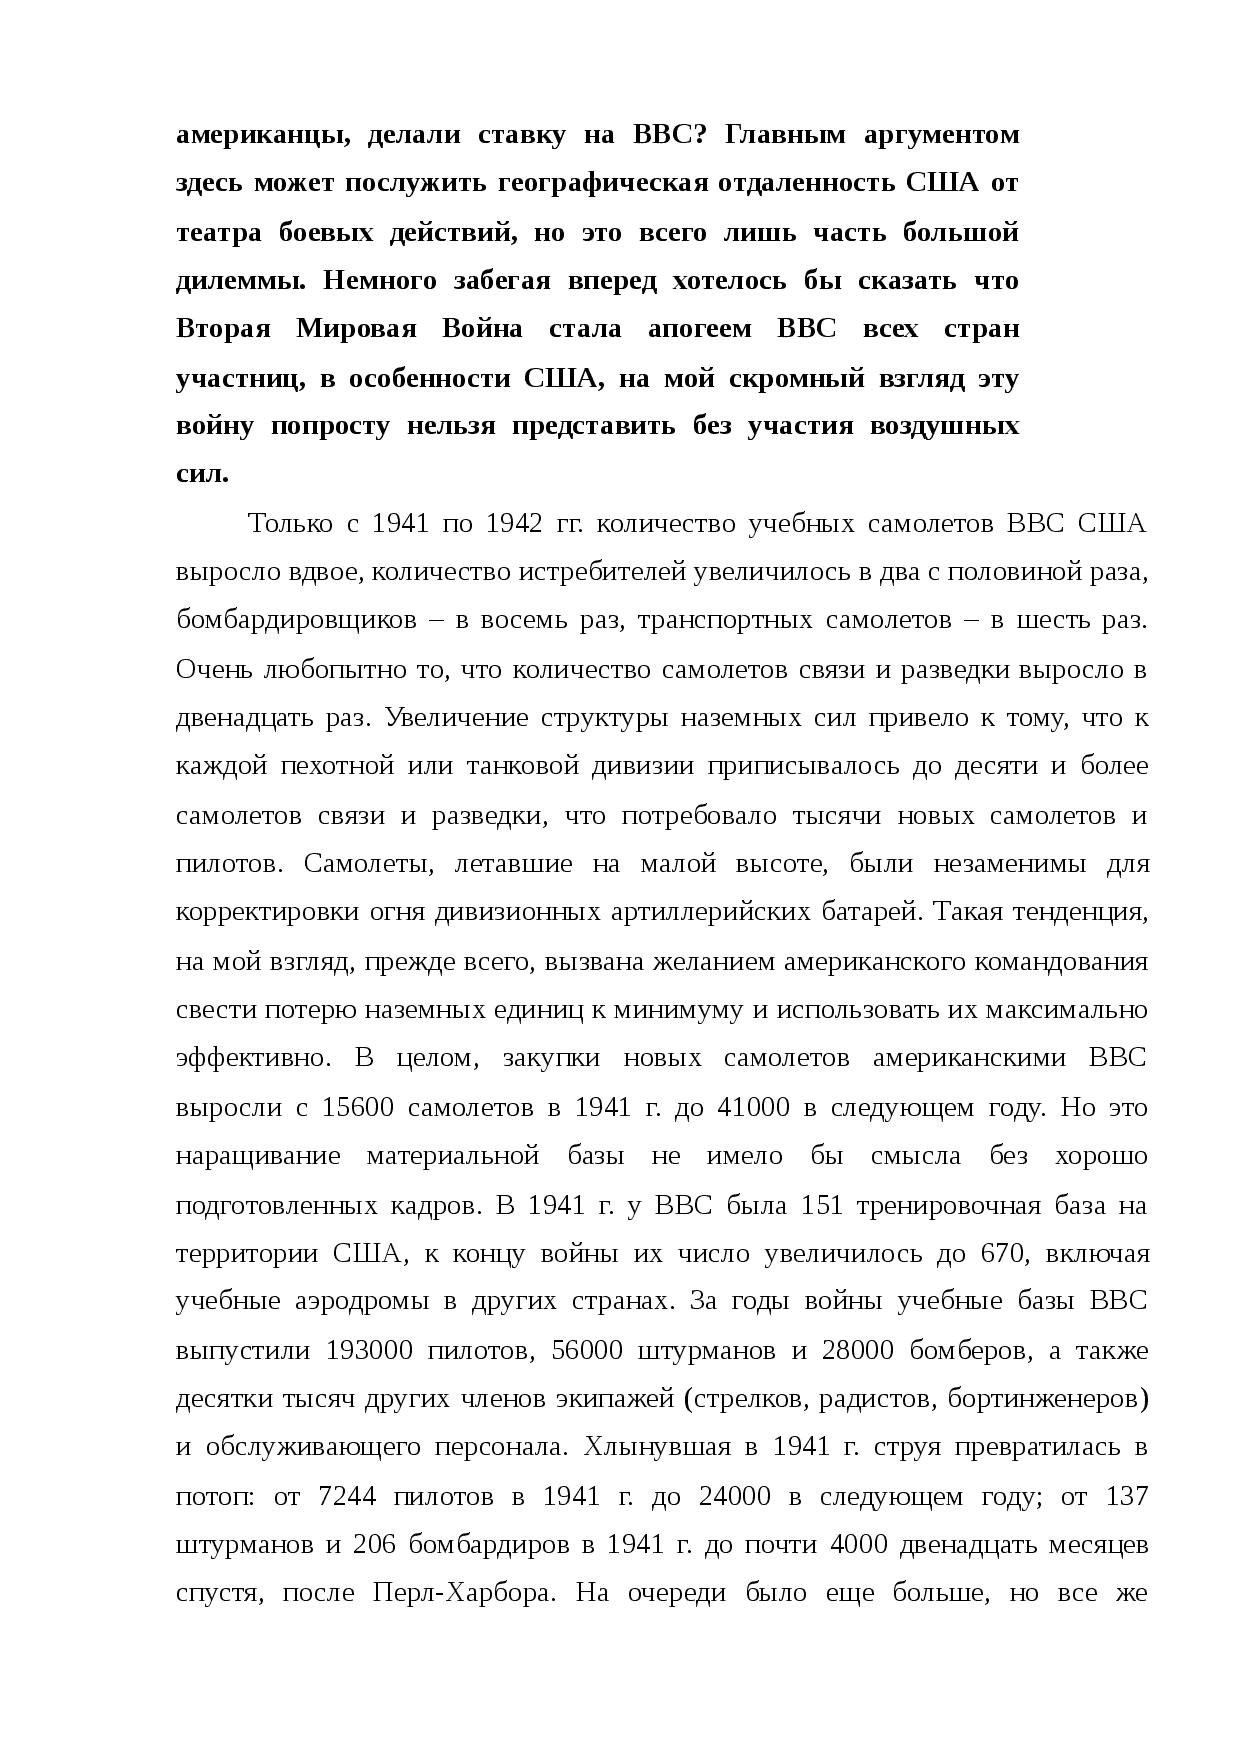 тихоокеанский фронт второй мировой войны